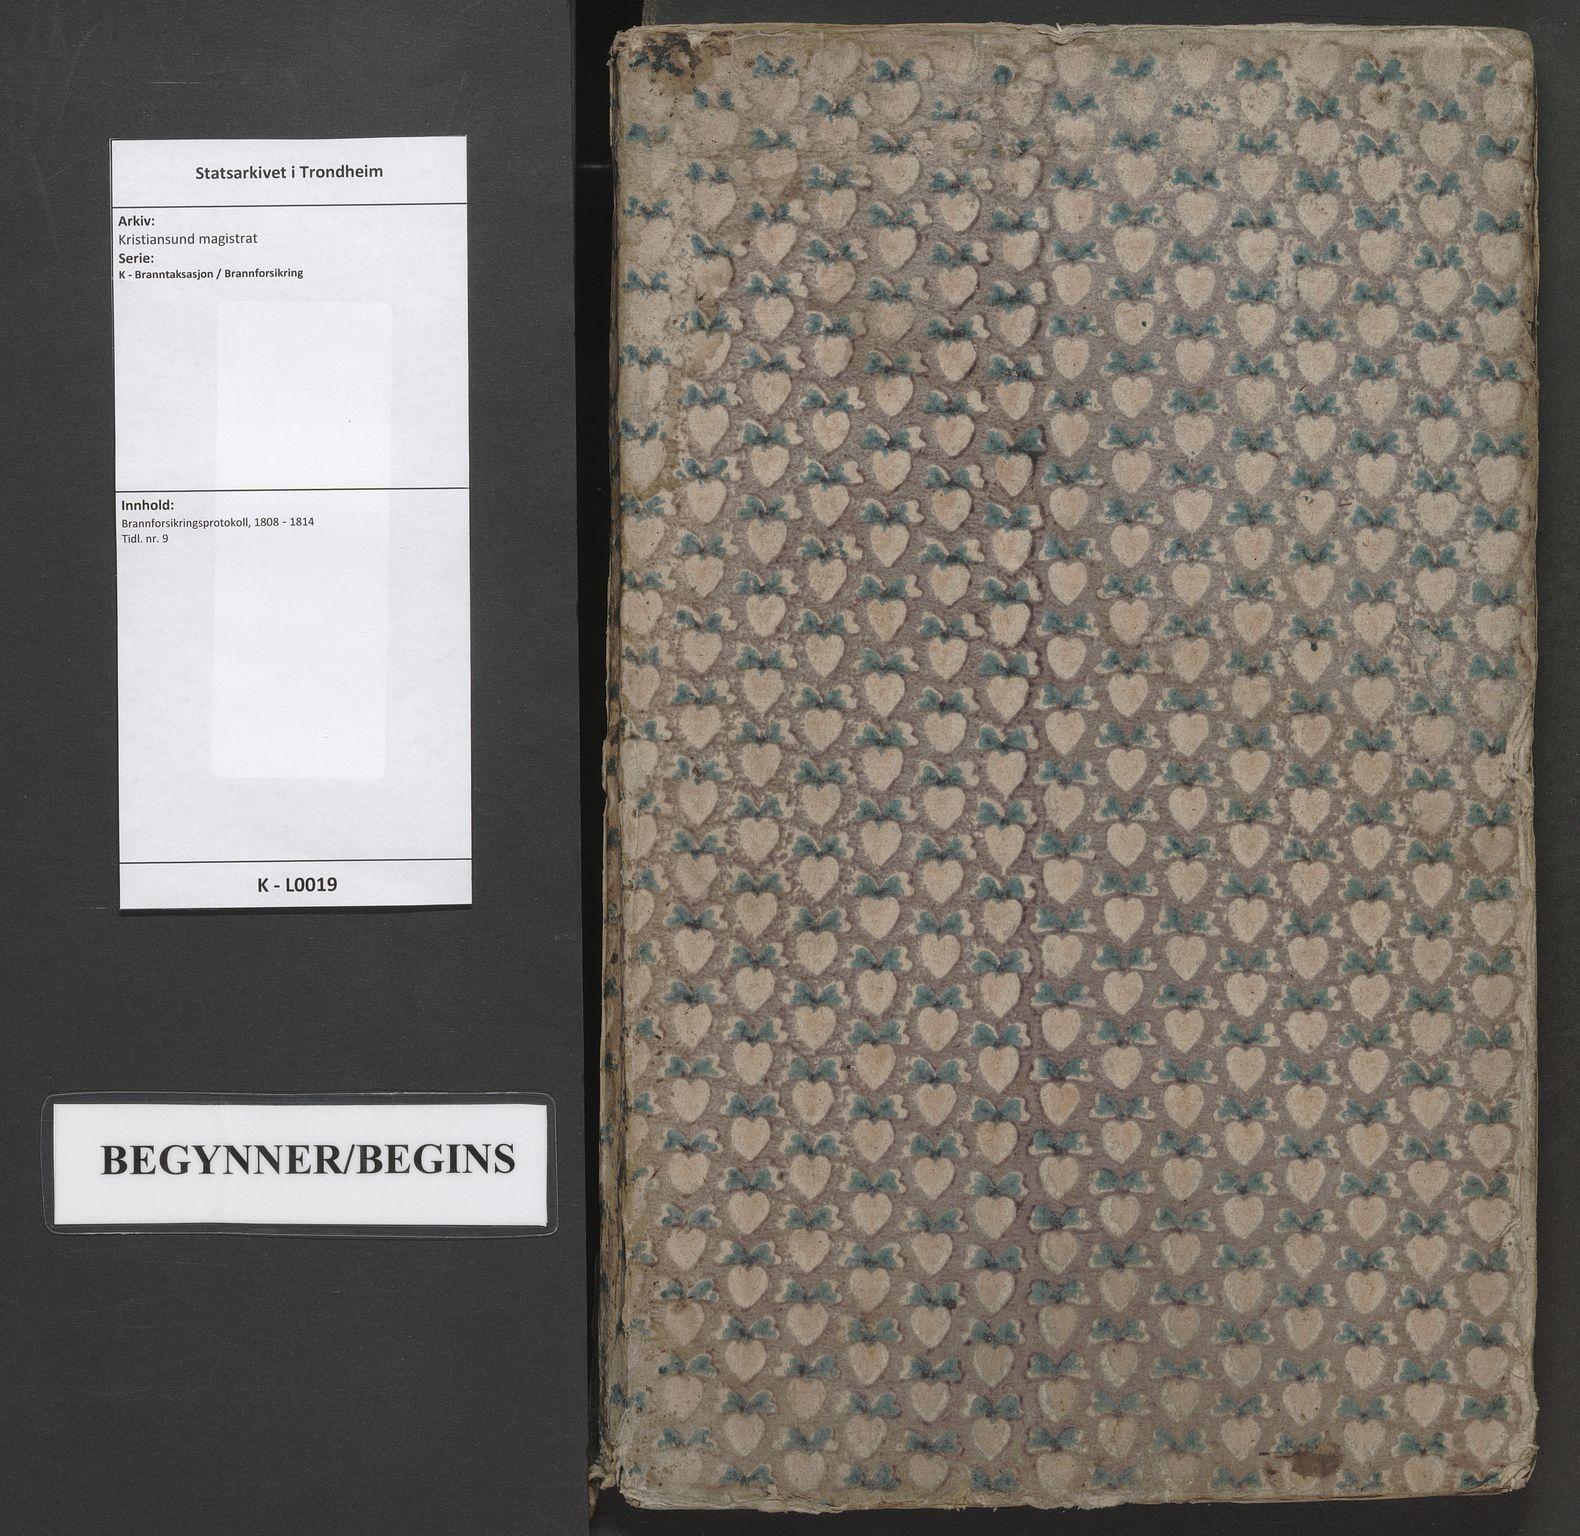 SAT, Kristiansund magistrat, K/L0019: Brannforsikringsprotokoll, 1808-1814